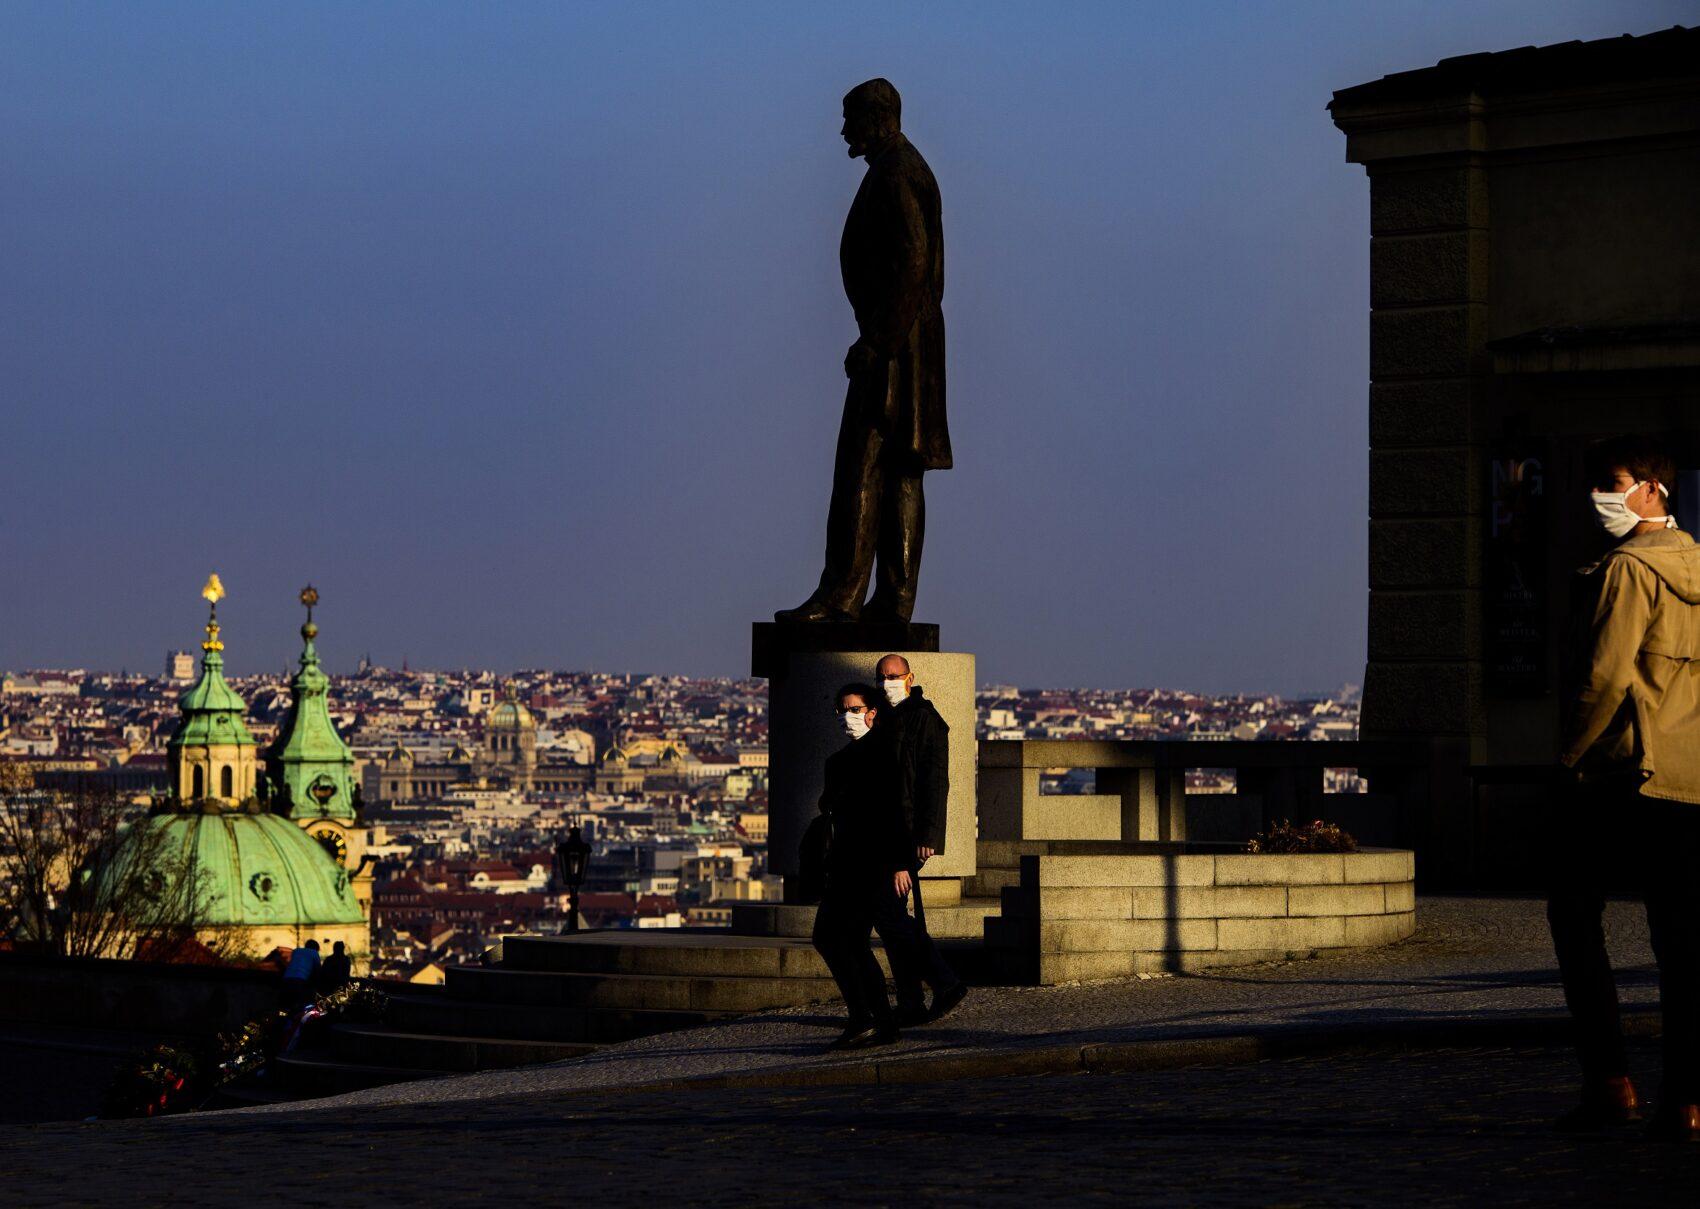 Pohled na sochu Tomáše Masaryka na pozadí večerní Prahy, kolem níž procházejí lidé v rouškách